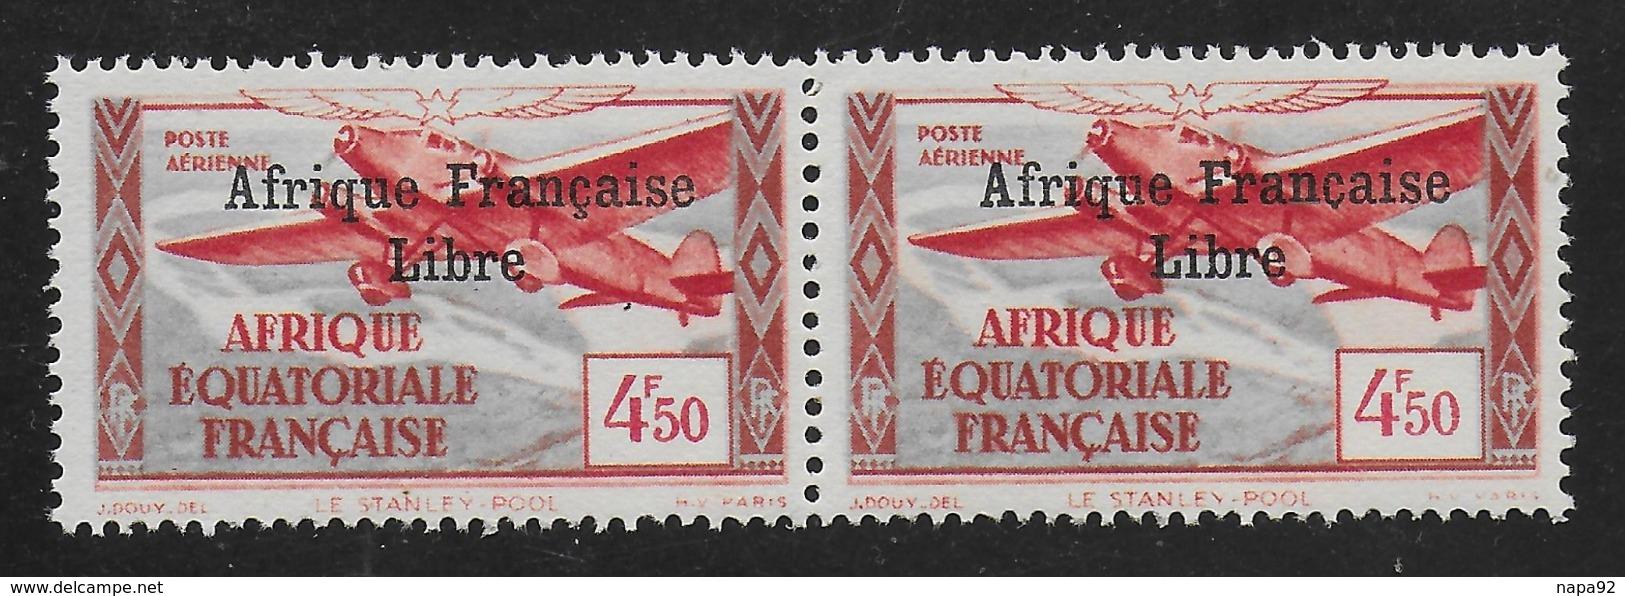 AFRIQUE EQUATORIALE FRANCAISE - AEF - A.E.F. - 1940 - YT PA 17** - VARIETE - SANS CEDILLE - Unused Stamps